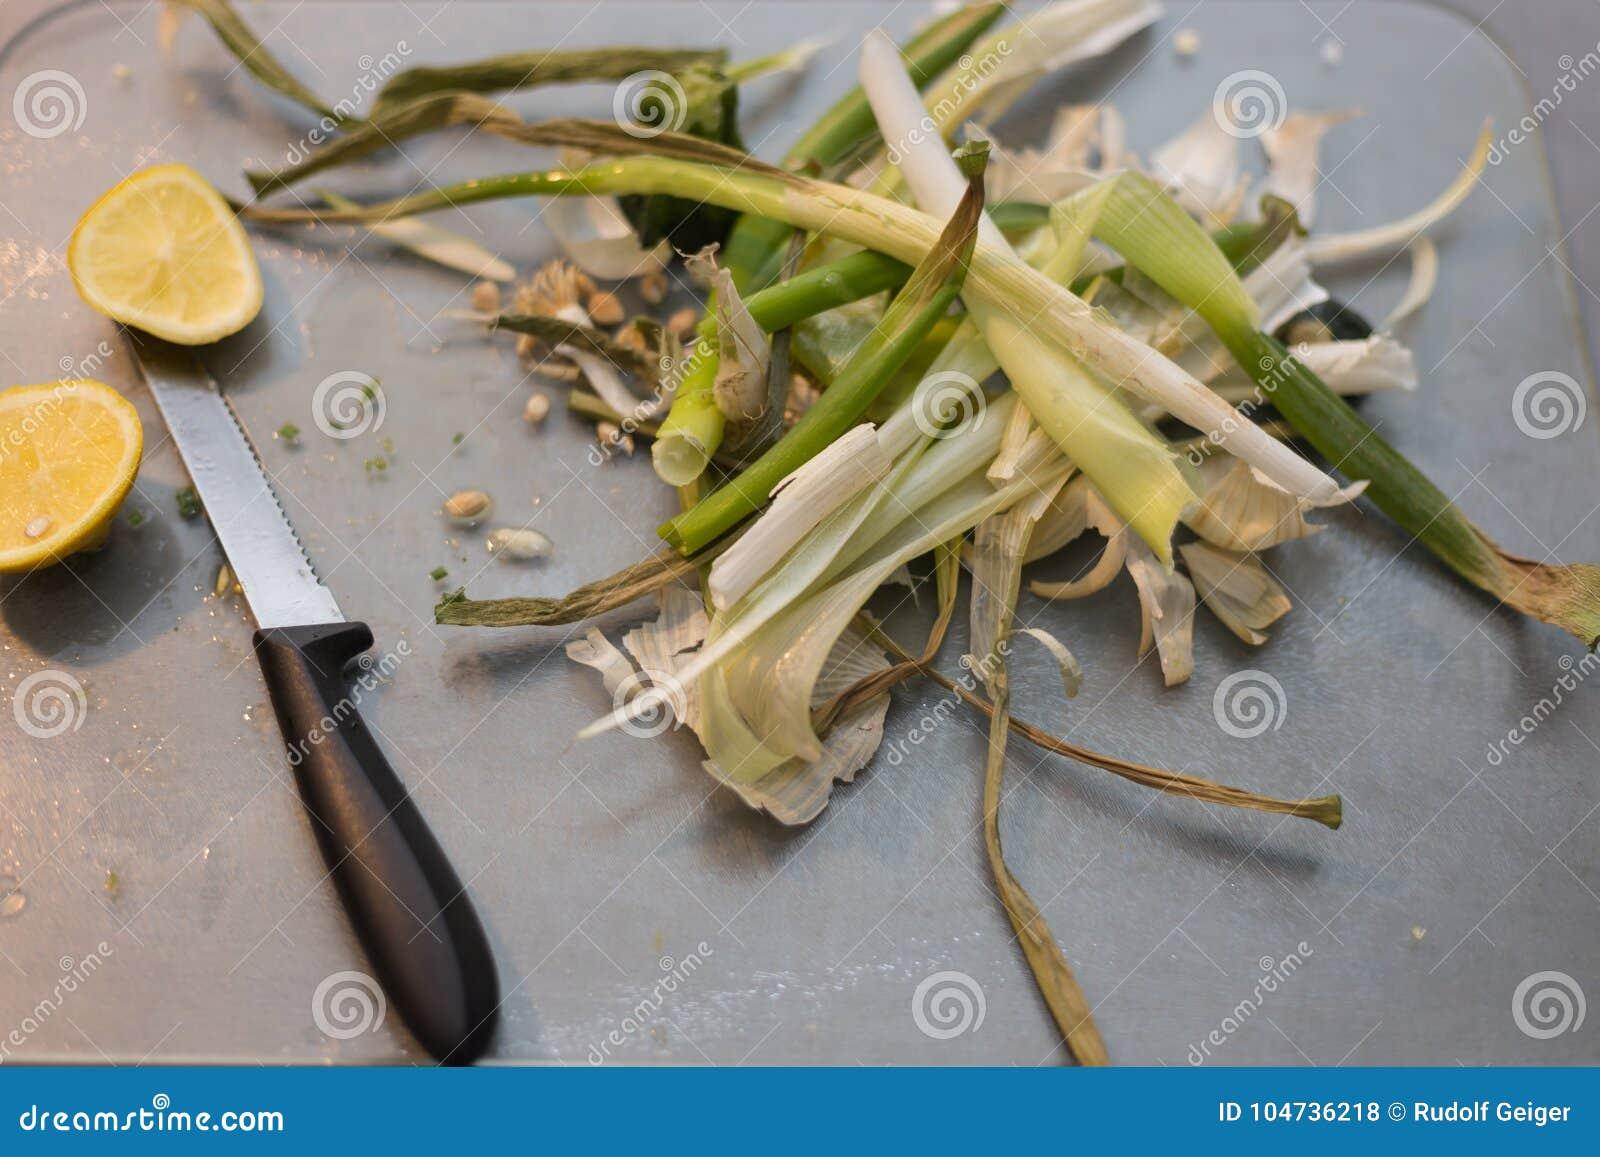 Paprika asada a la parrilla con un toque de preparación del ajo y del limón